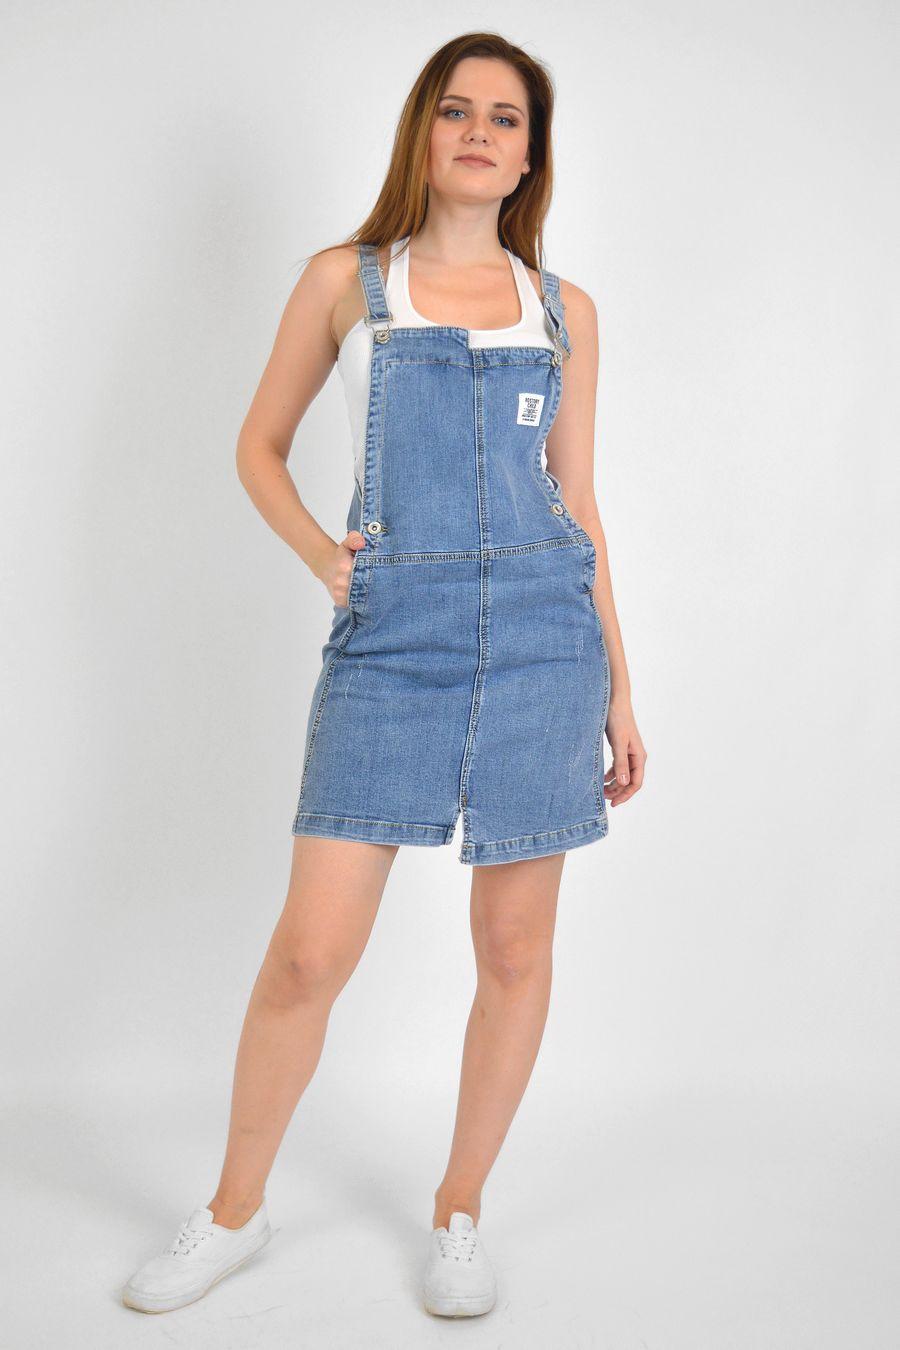 Комбинезон женский Baccino 3060 джинсовый - фото 1